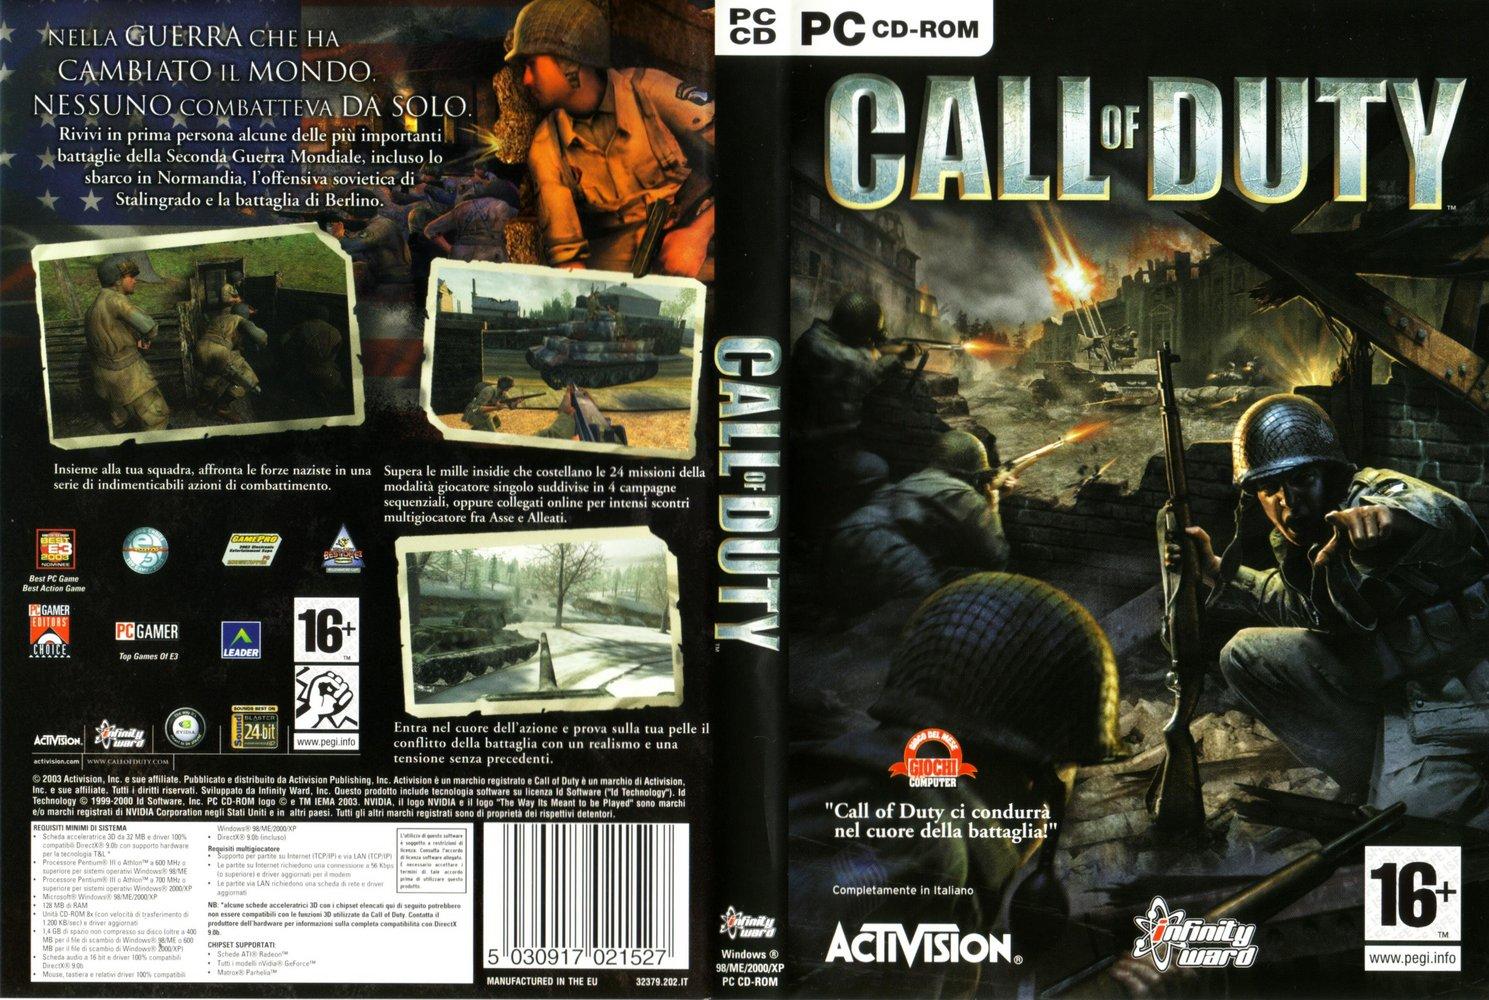 Call of Duty: Black Ops 4 est disponible sur PlayStation 4. Télécharger le jeu sur le PlayStation Store : http://po.st…ODBlackOps4.Battlefield 3 premium : exclusive vidéo ! - YouTube9:56youtube.com9. 6. 2012973 zhlédnutíSalut, bon je ne sais pas si j'ai le droit de la poster car elle est réservée aux premium mais je tente quand même, de toute façon, ce…Anatomy Of Reanimation Blitzkid Download Anatomy Of Peace Audiomnfishreport.info/ammeter/anatomy-of-the-human-body-gray-verbenaanatomy of spirit caroline myss free, anatomy programs free, brs anatomy, grey's anatomy free